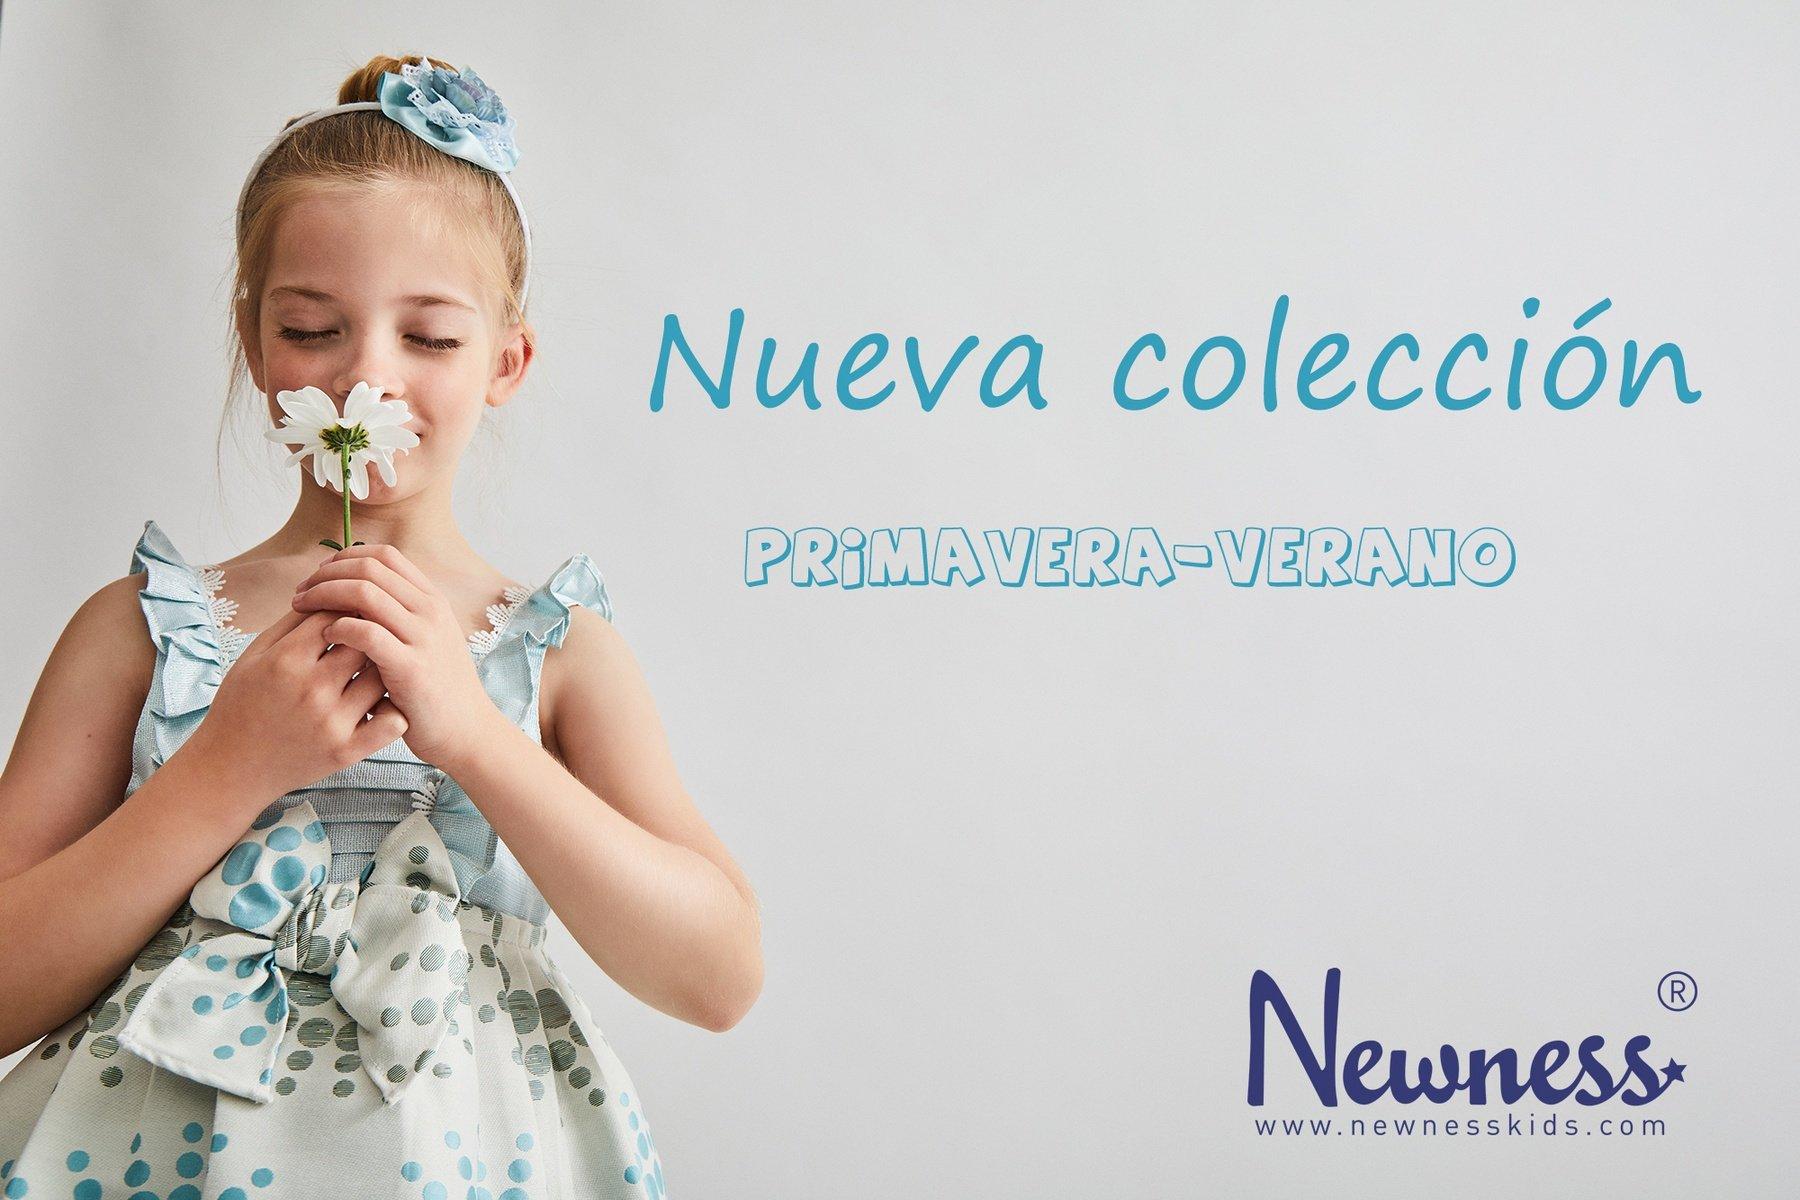 Newness - Moda infantil económica de calidad